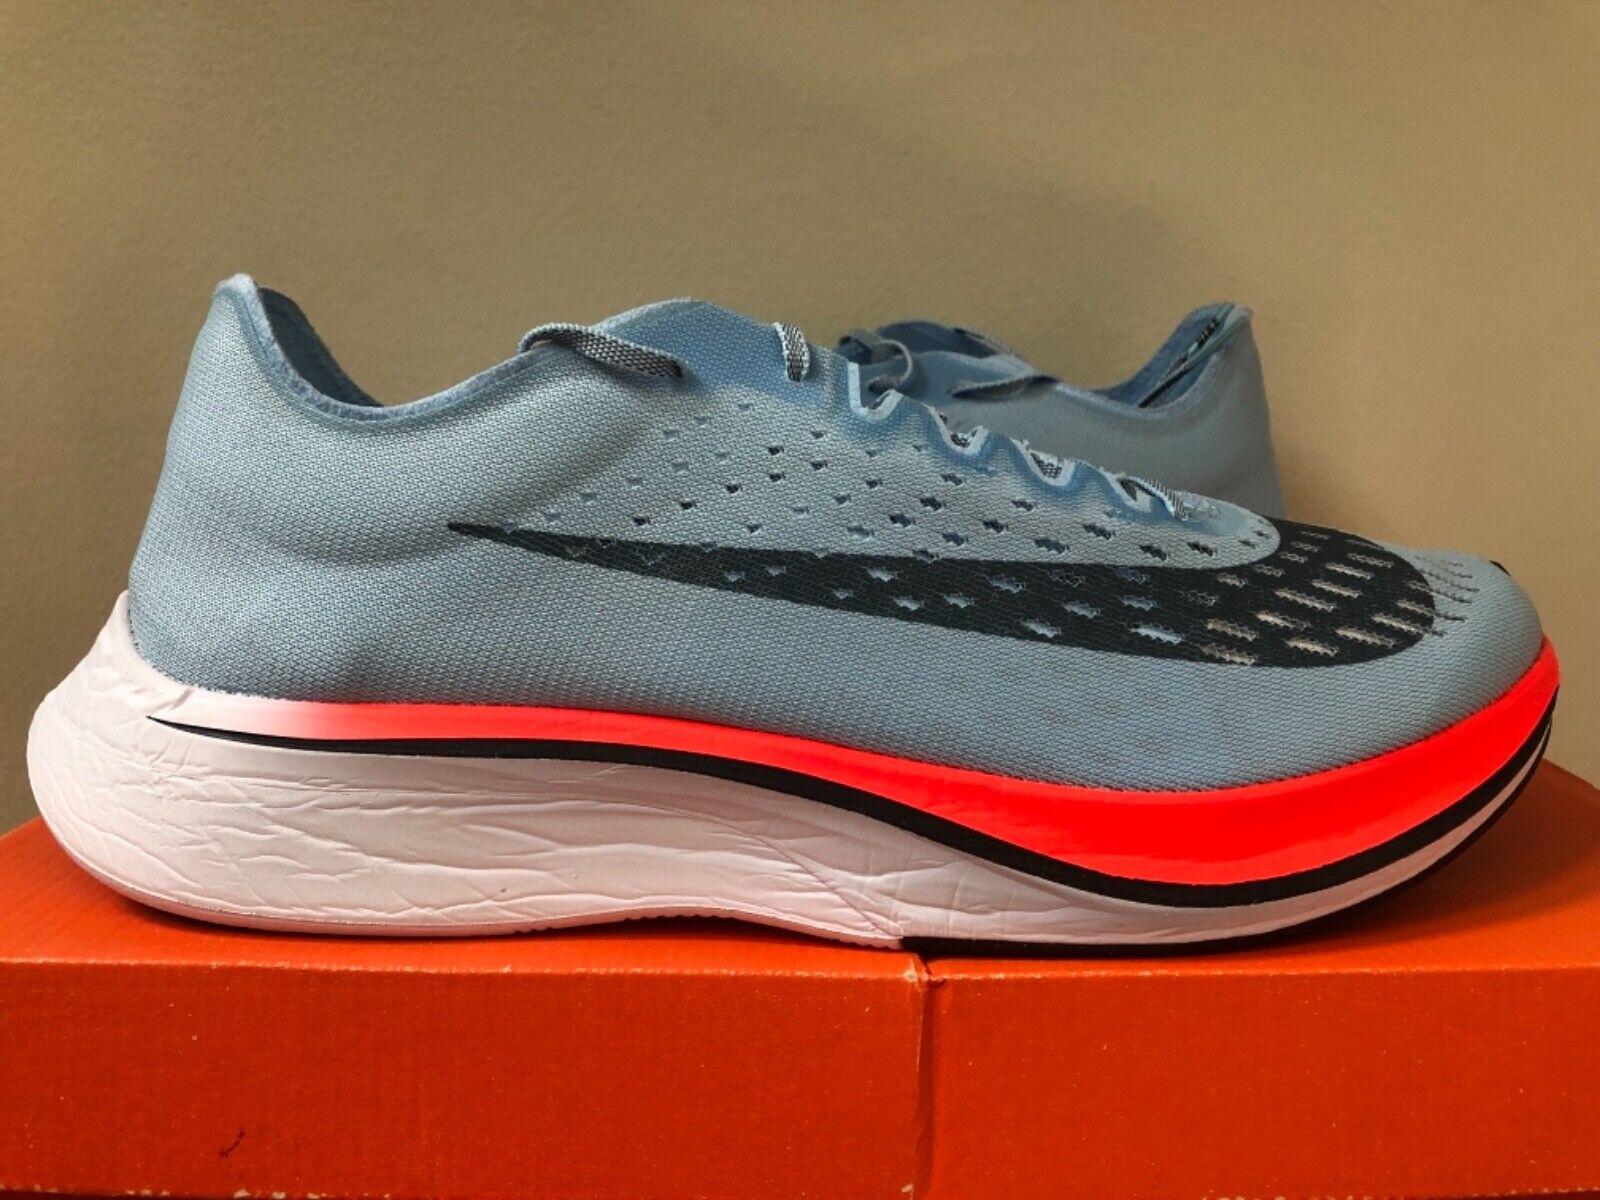 Nike Zoom Vaporfly 4% Ice bluee Size 7-13 bluee Fox 880847-401 LIMITED BREAKING 2